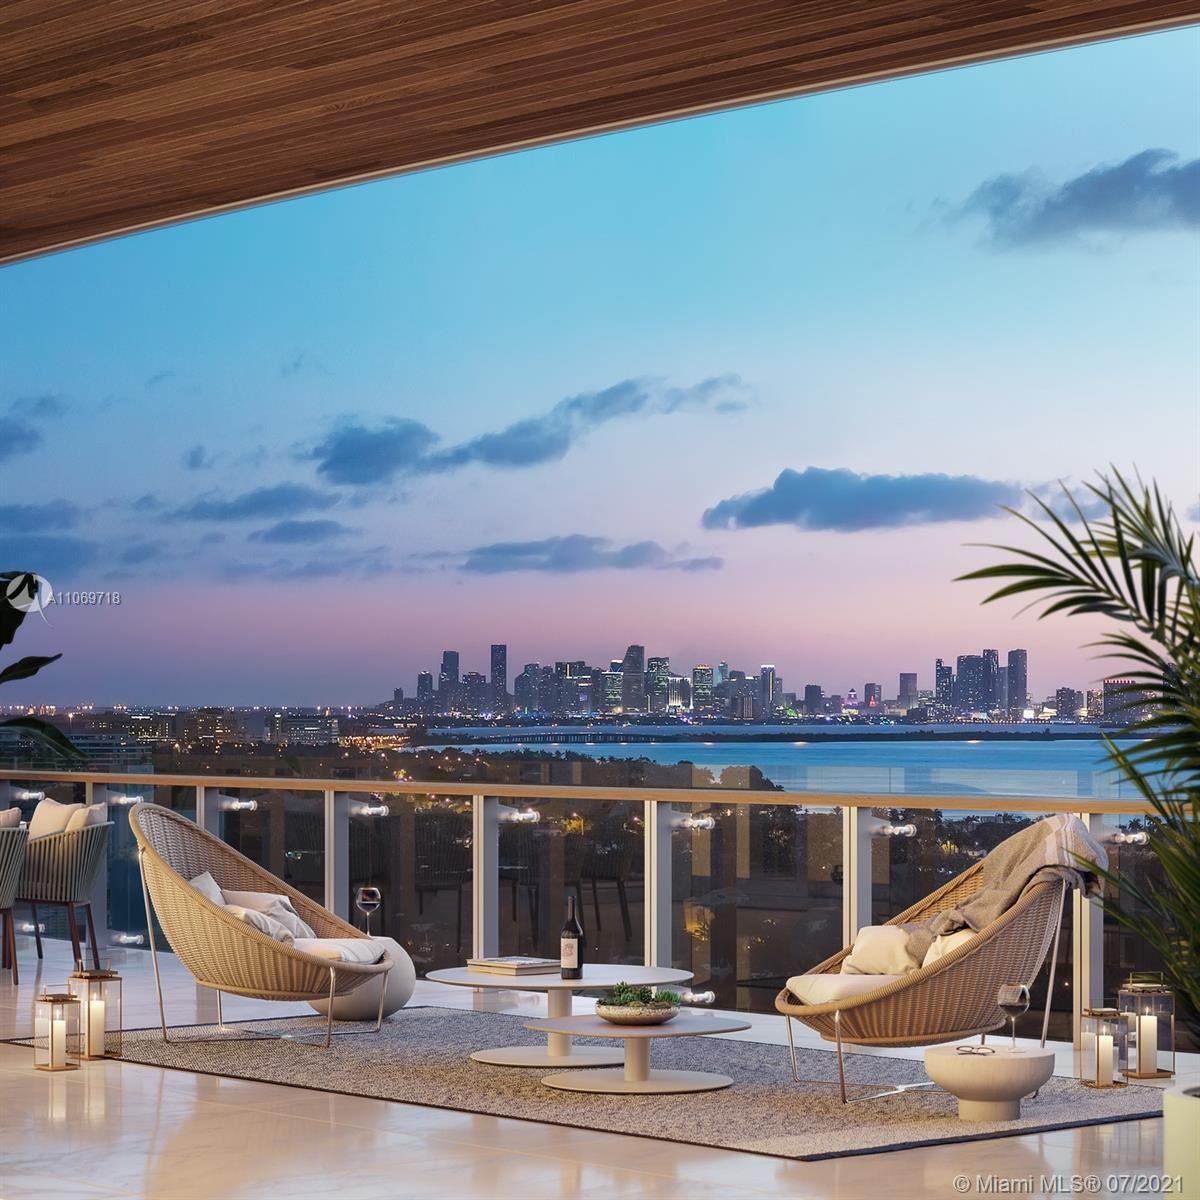 5775 Collins Ave #1405, Miami Beach, FL 33140 - #: A11069718